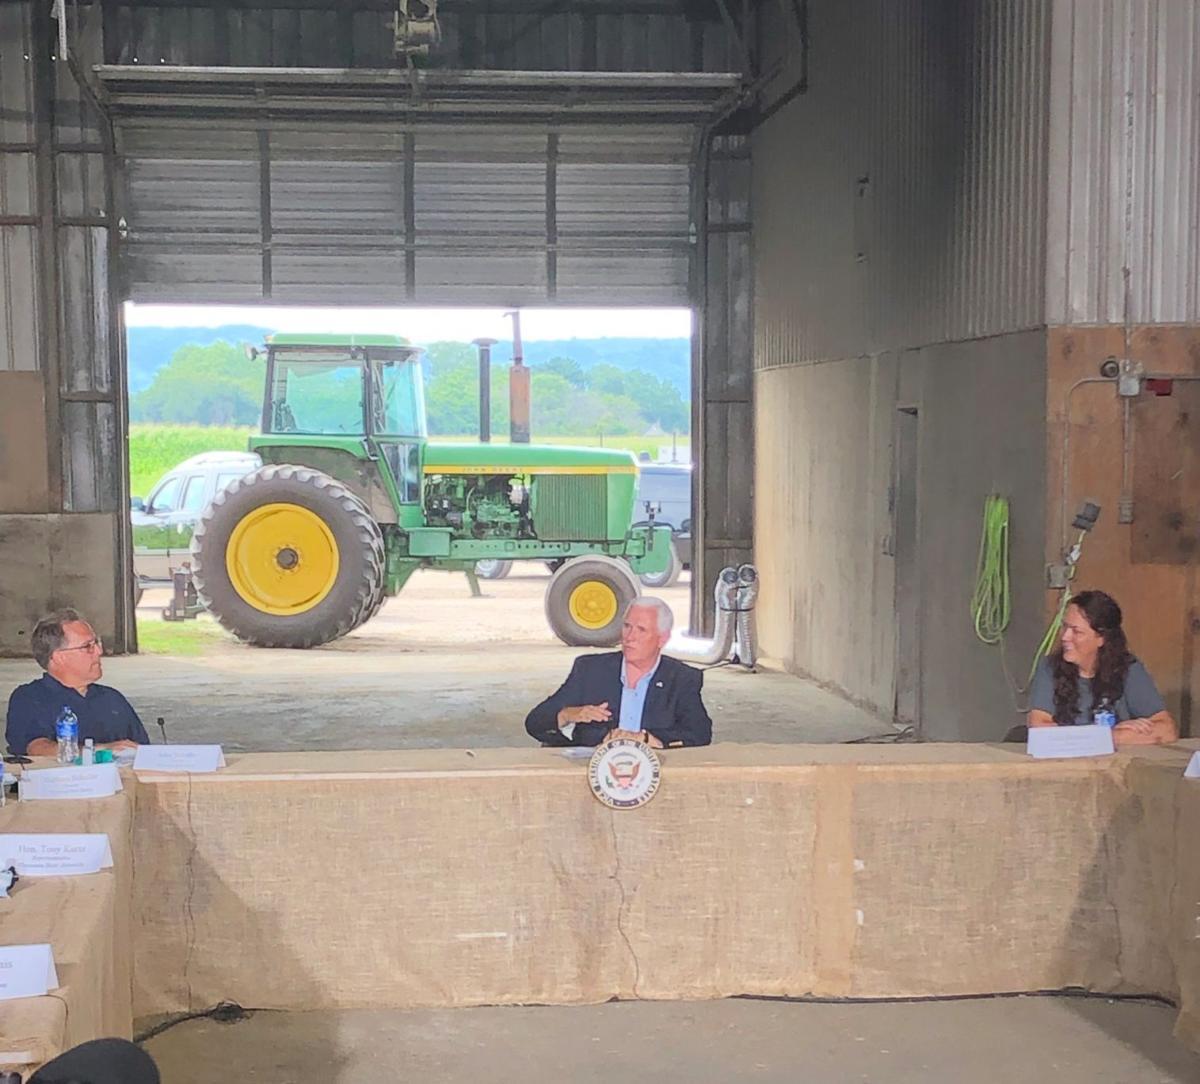 Mike Pence visits Onalaska